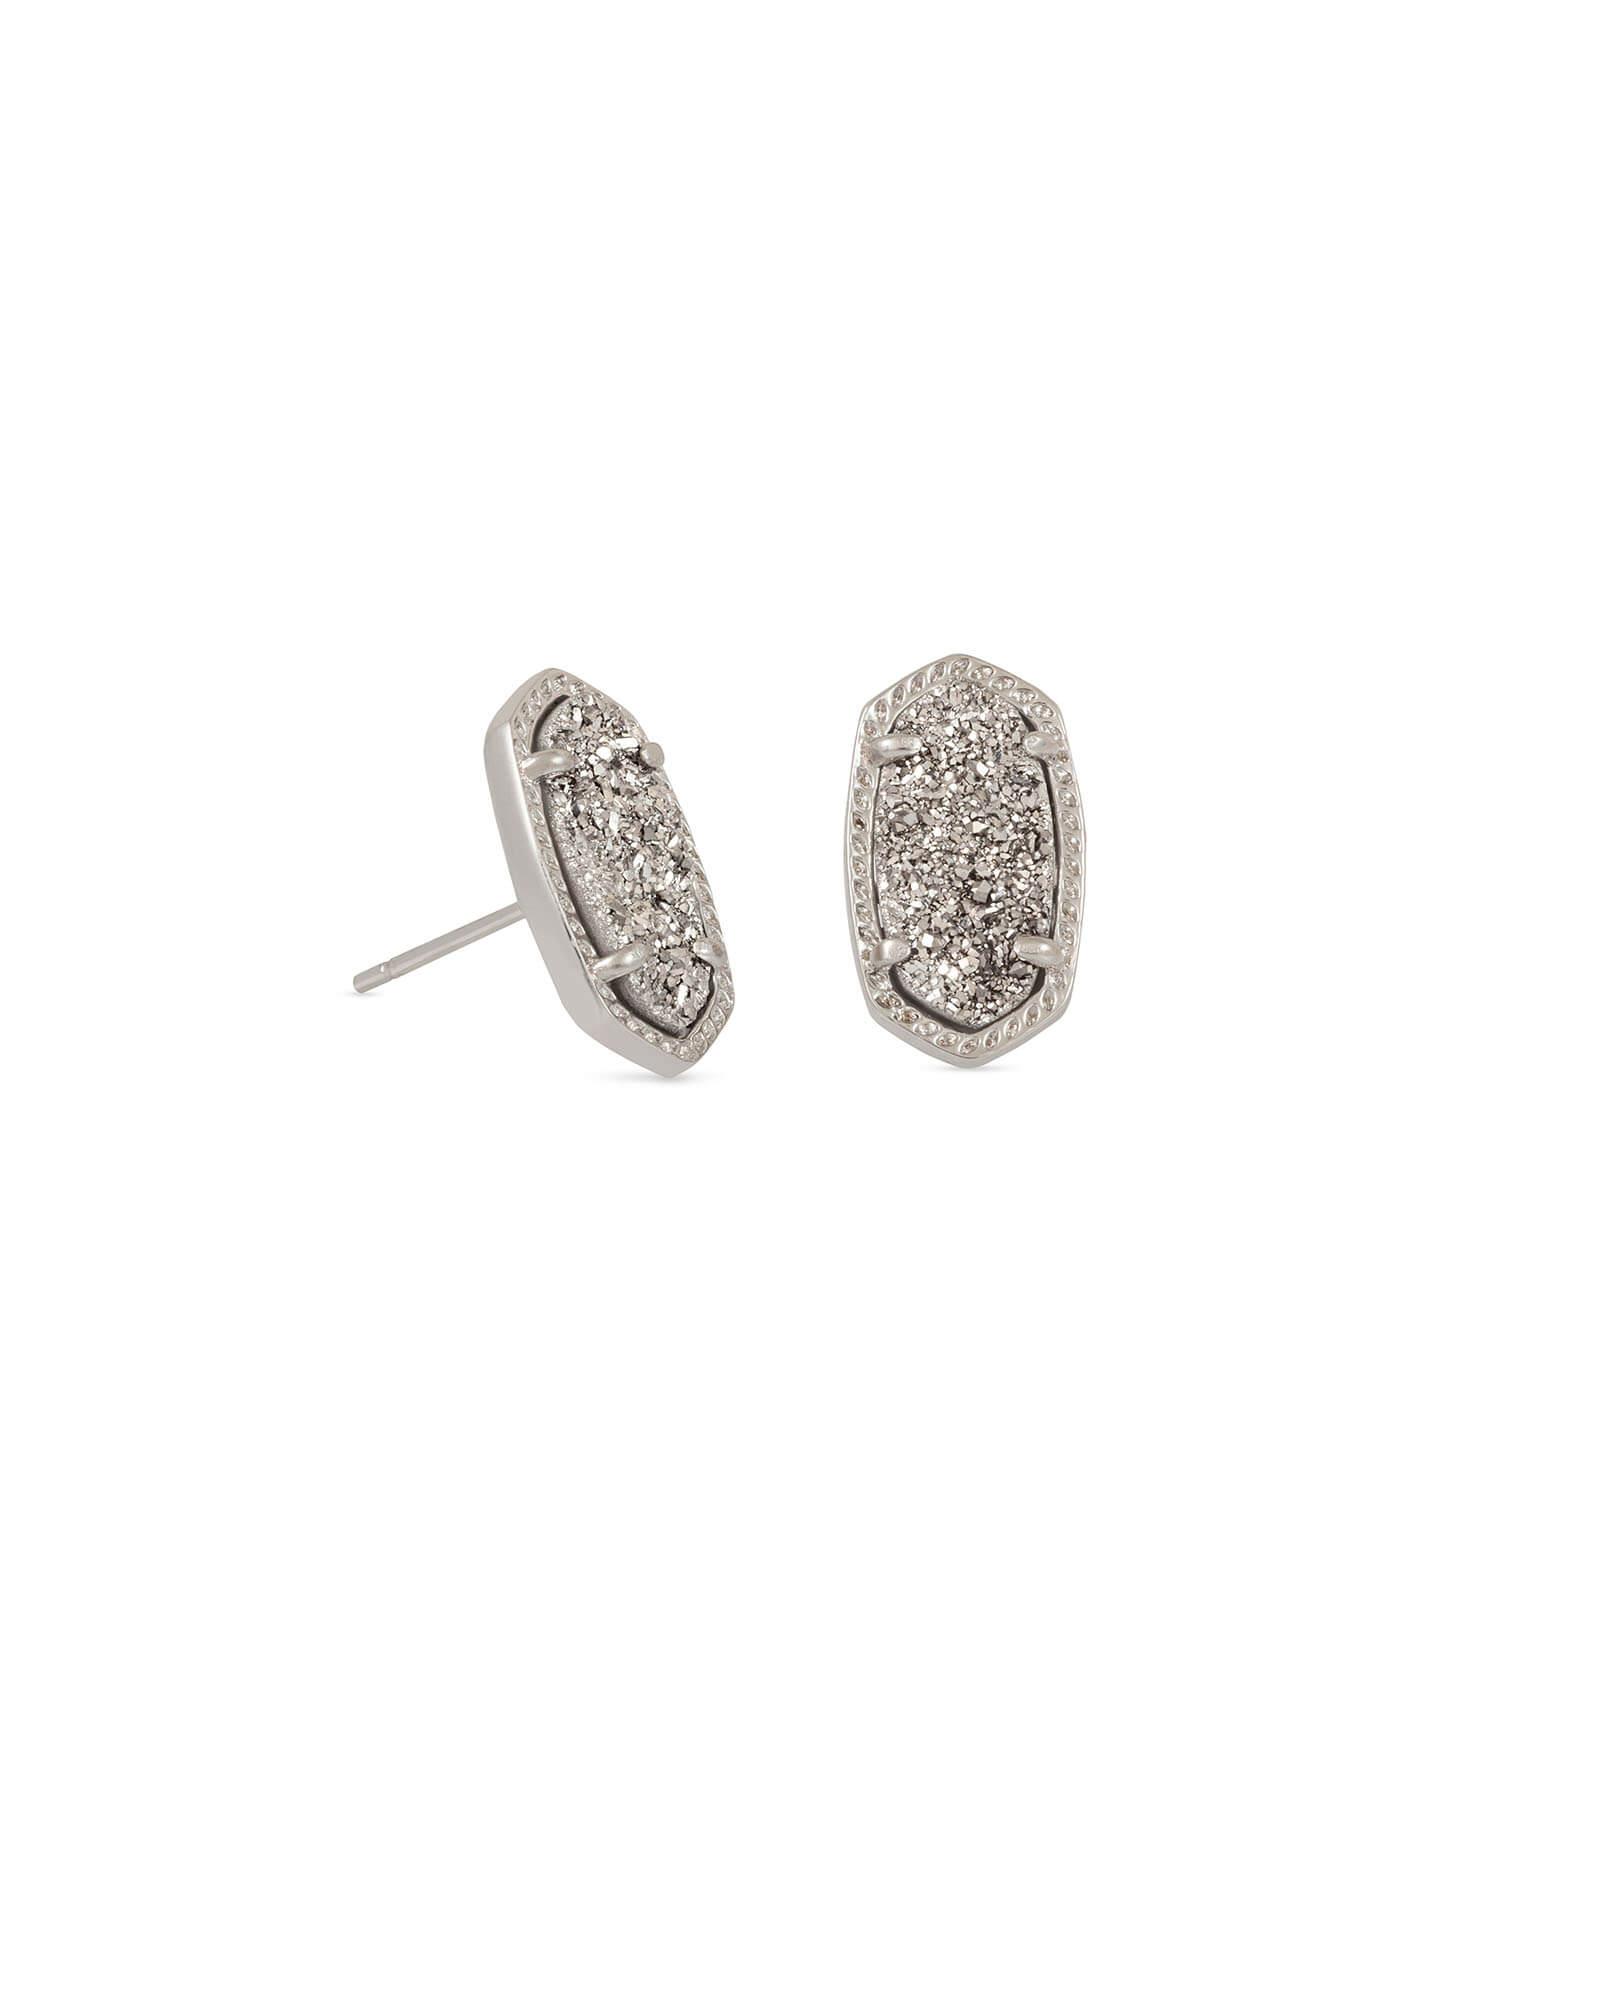 7eccbd91e Ellie Silver Stud Earrings in Platinum Drusy | Kendra Scott